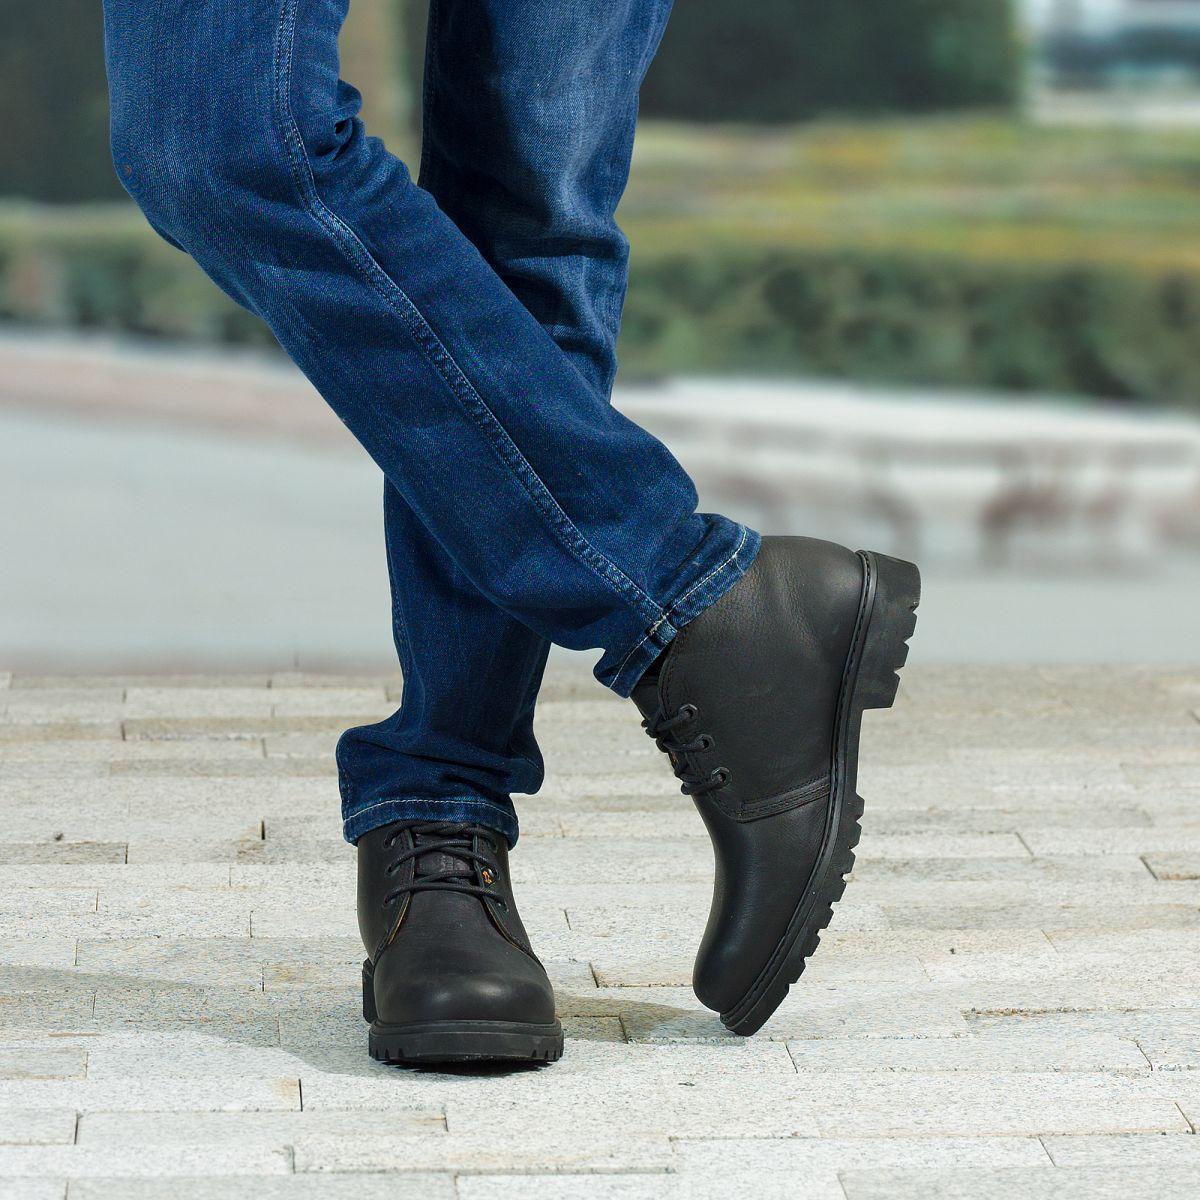 Una bota para mis nalgas - 2 9